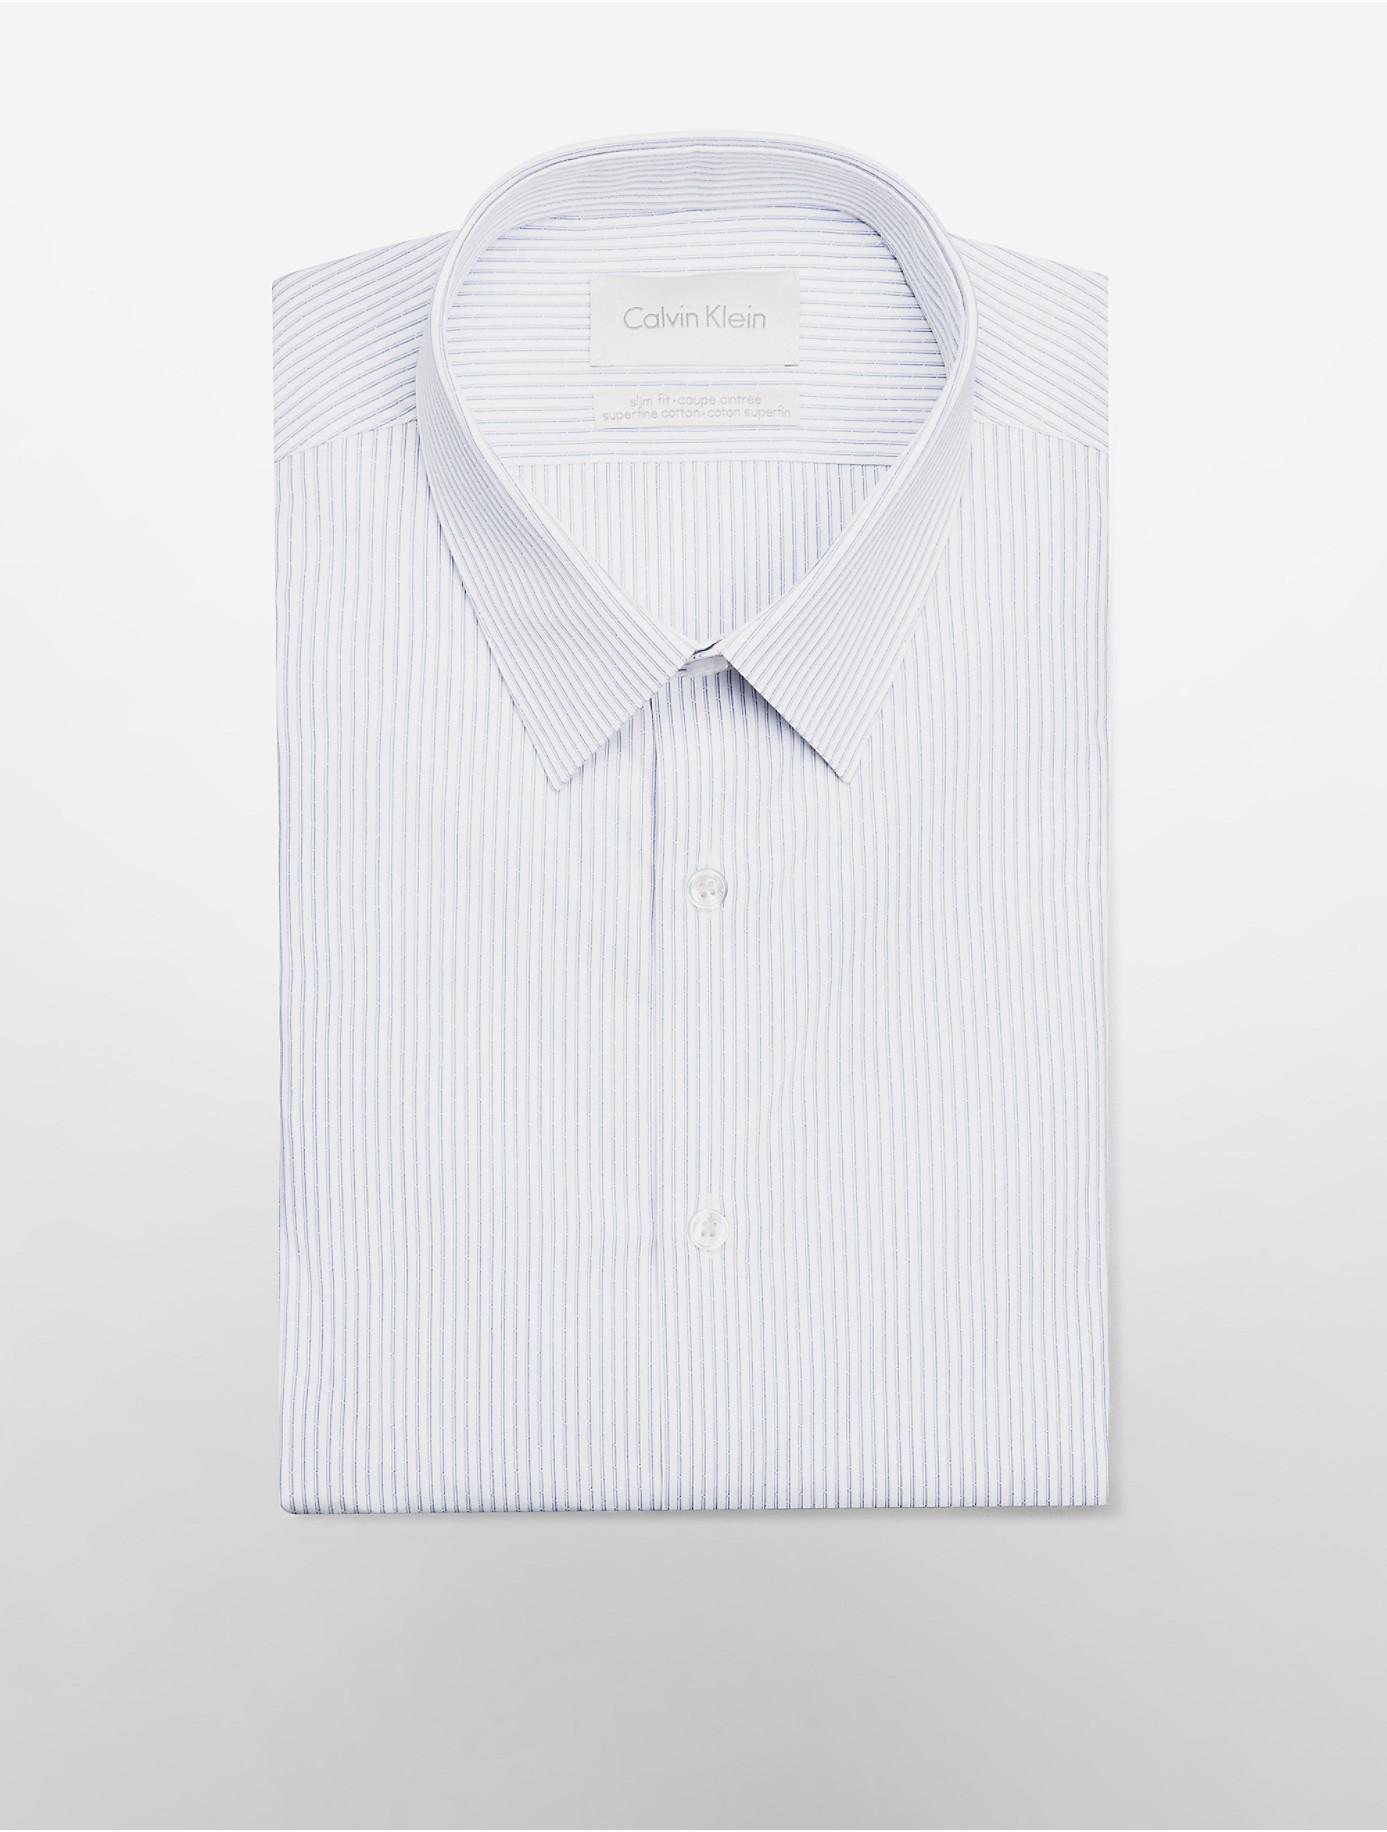 Mens white herringbone dress shirt